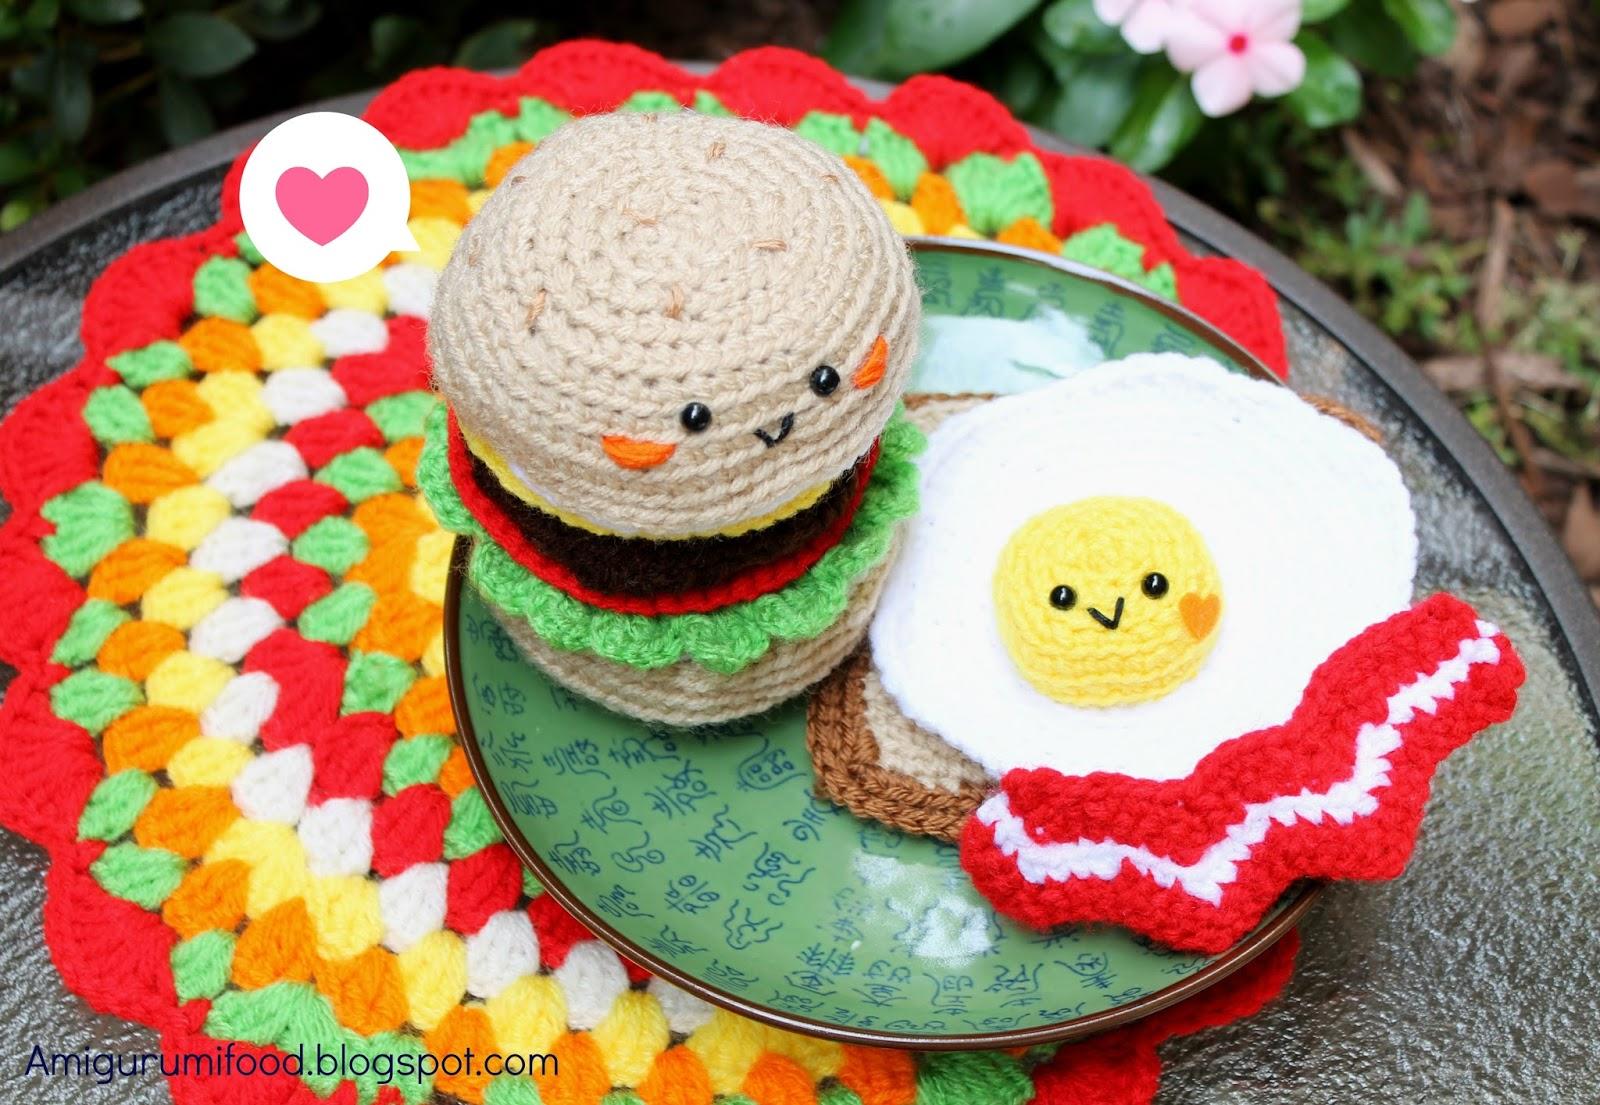 Amigurumi Food: Bacon+Fried egg+Burger=Love